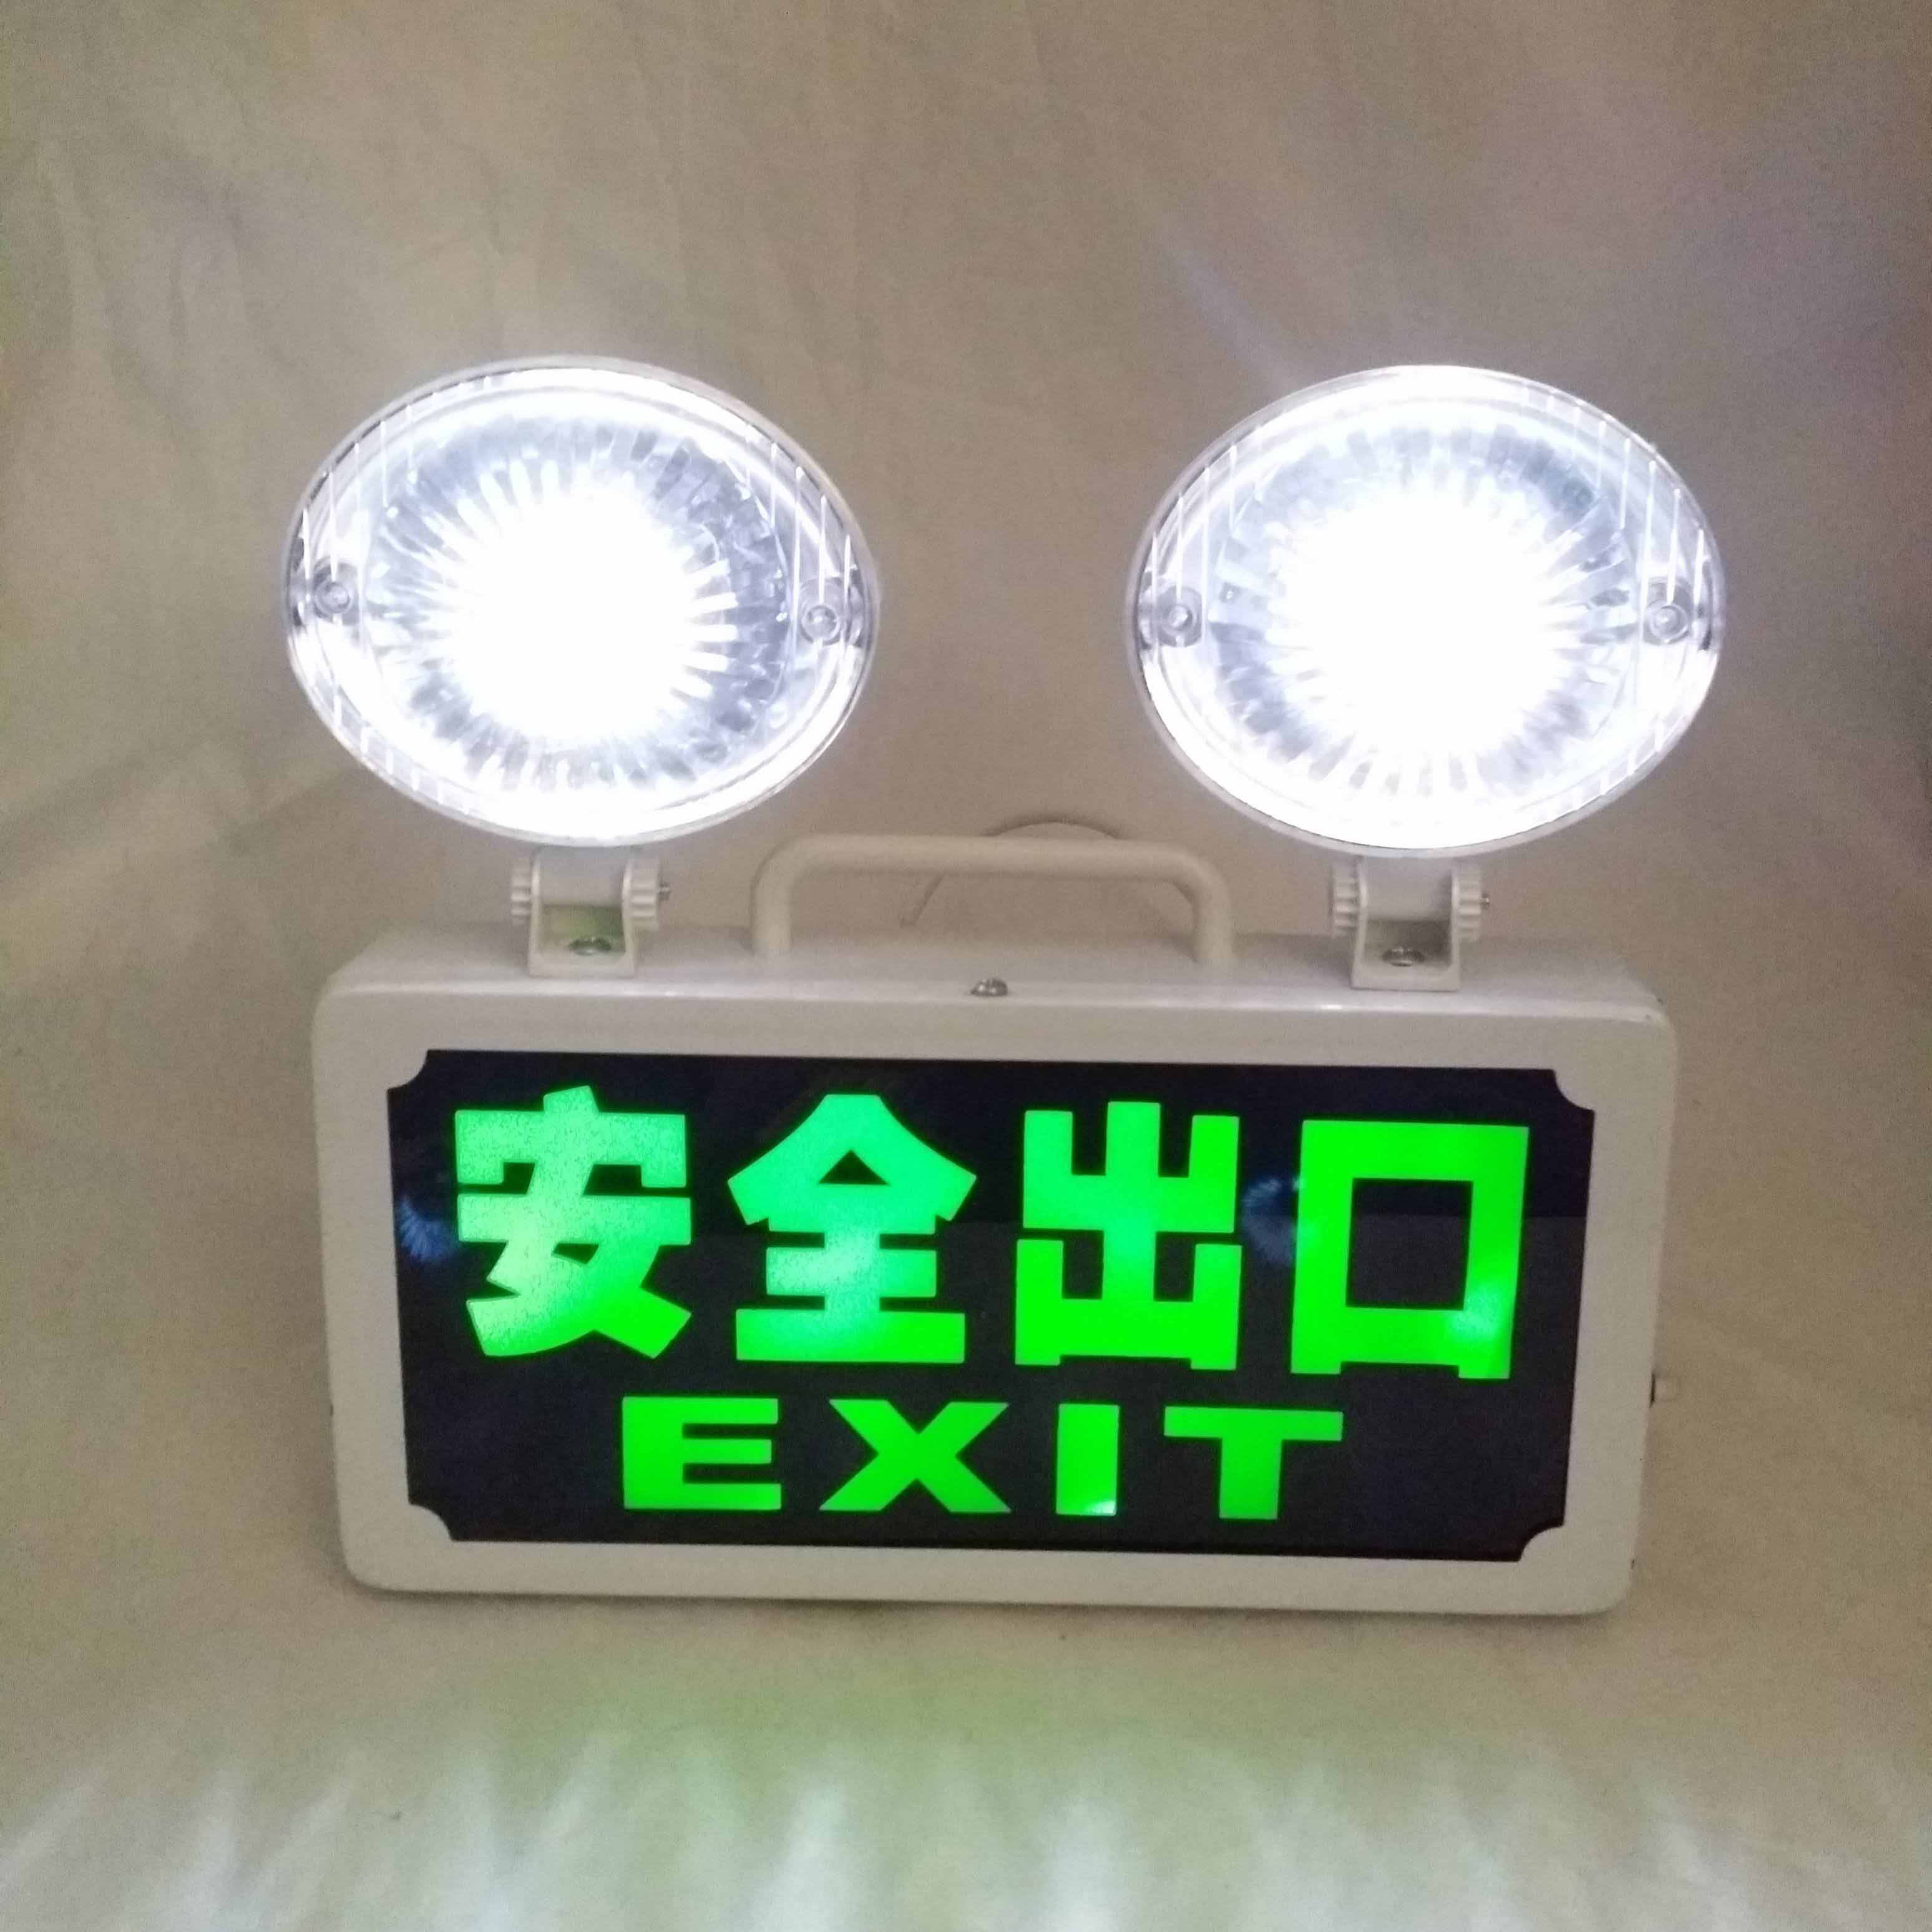 安全应急灯